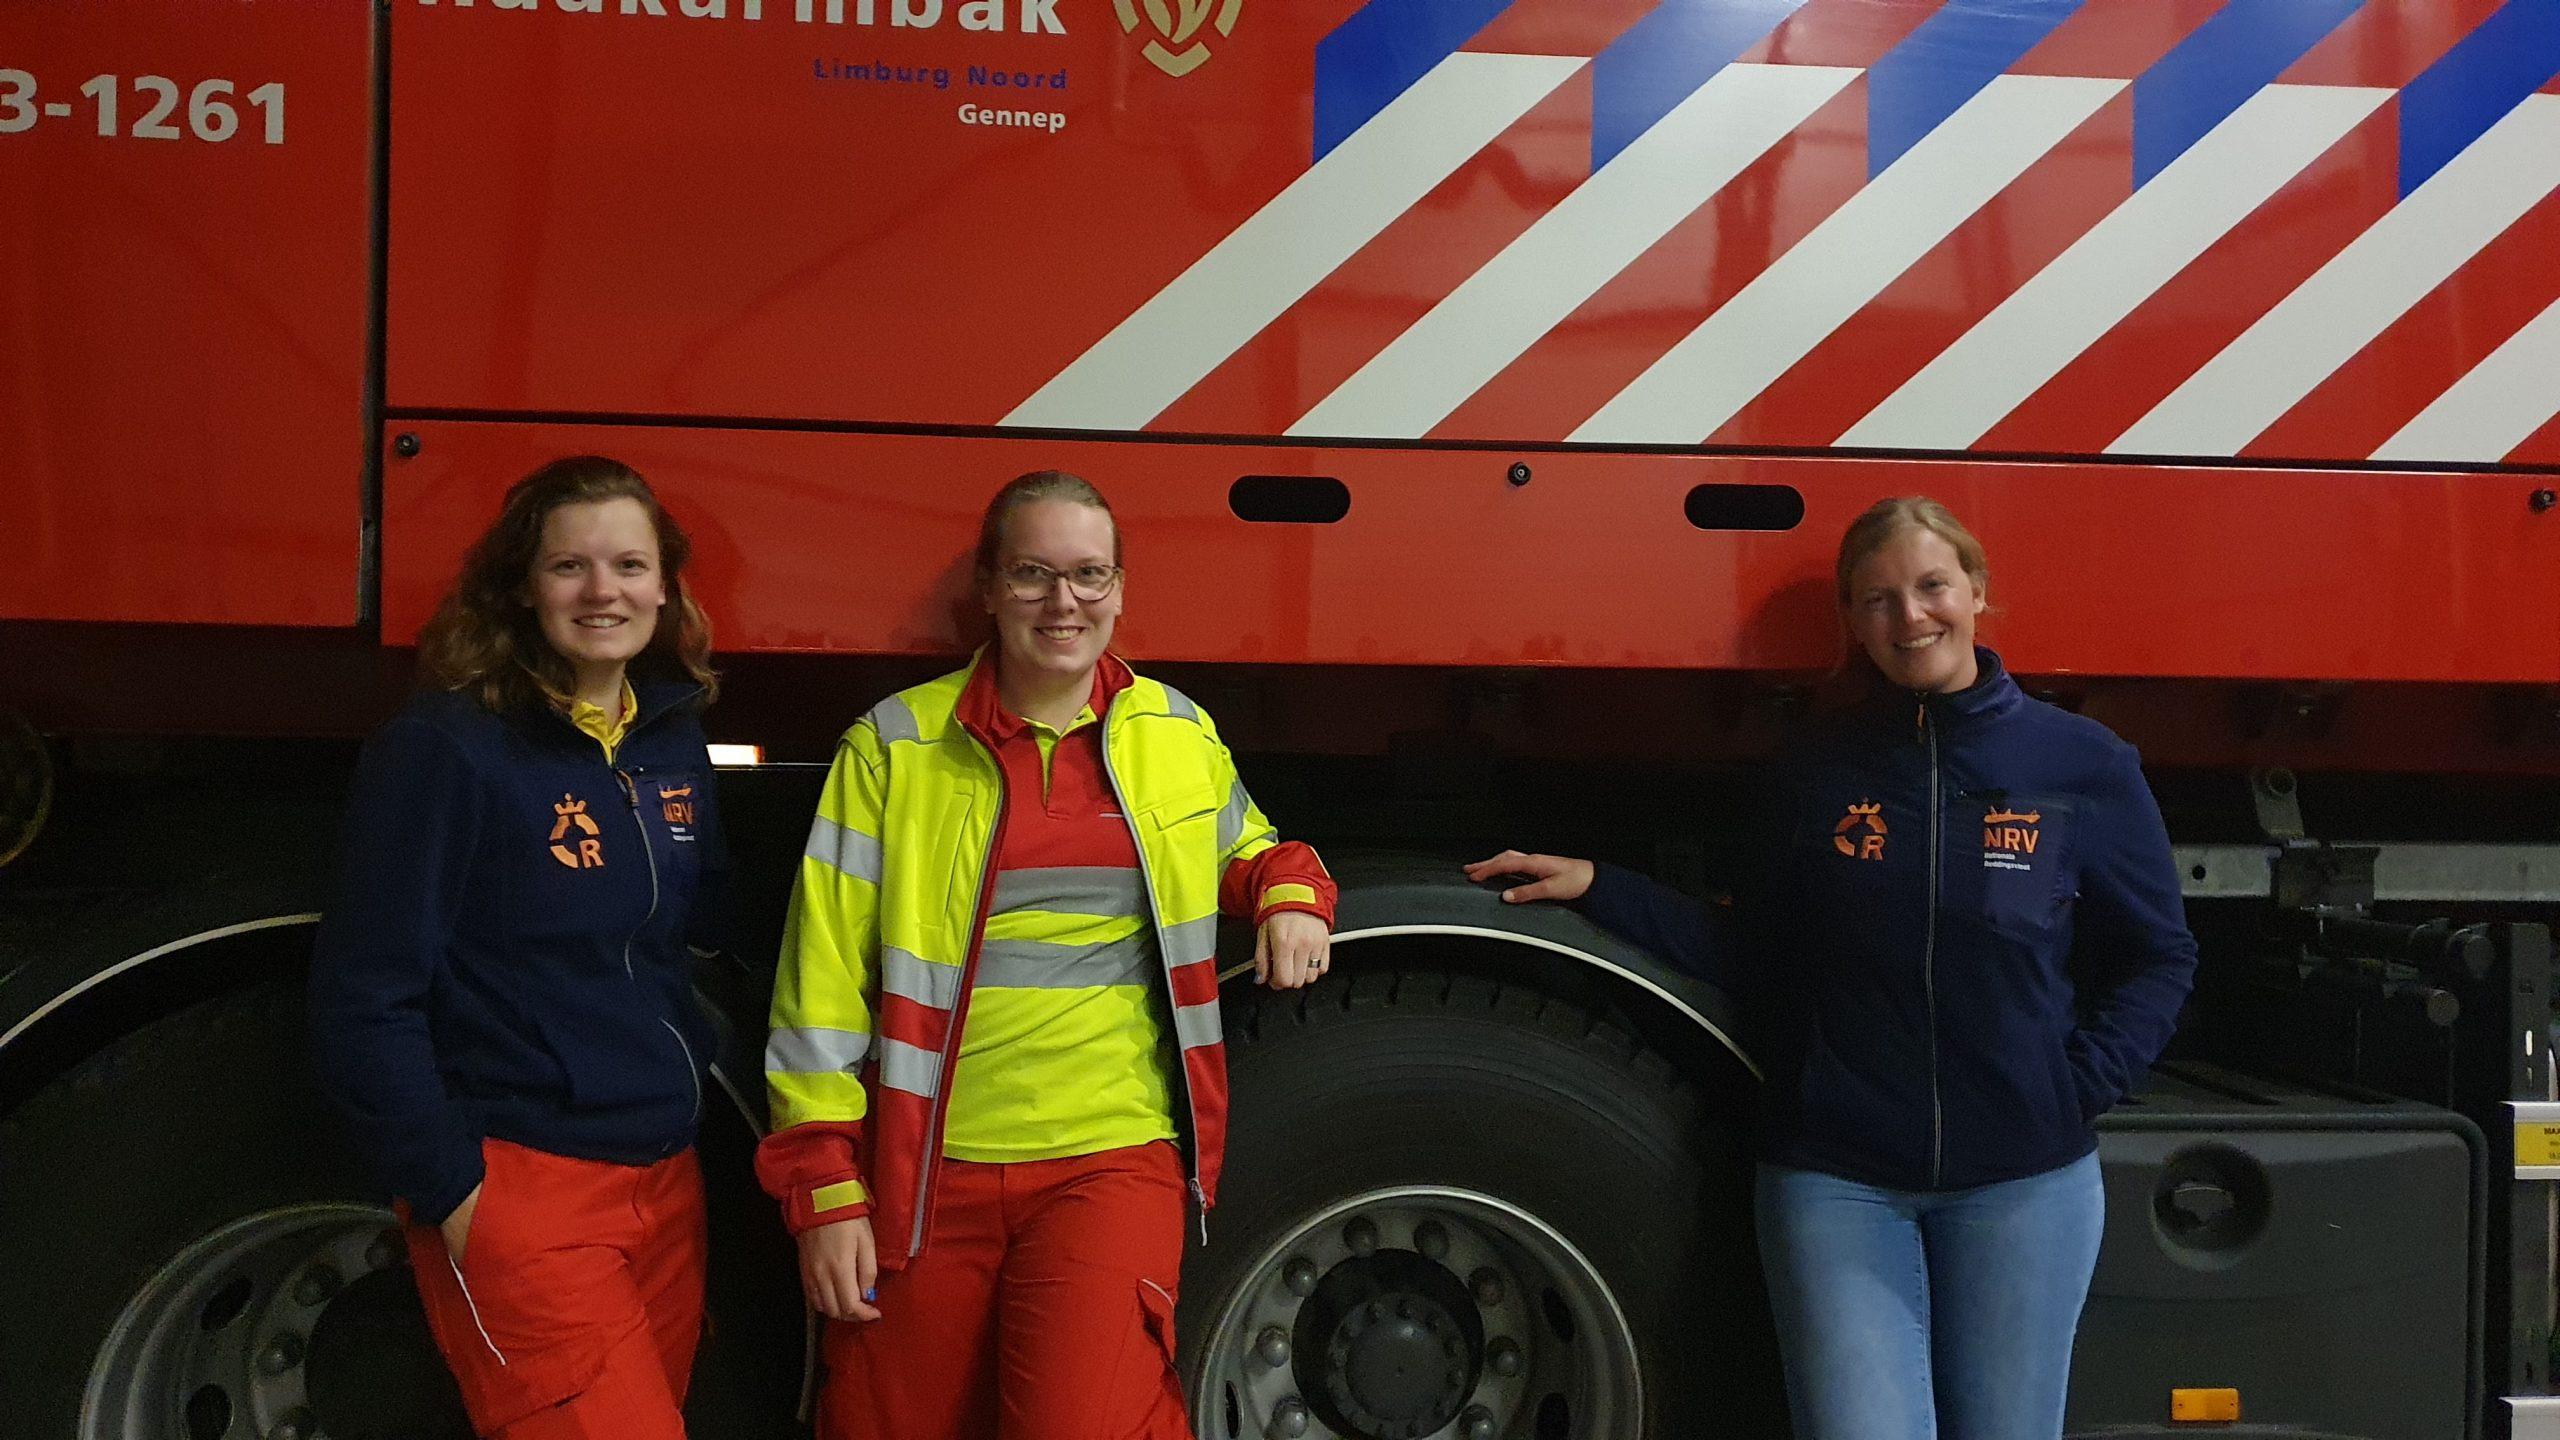 Standby in Brandweerkazerne Gennep Dordtse Reddingsbrigade